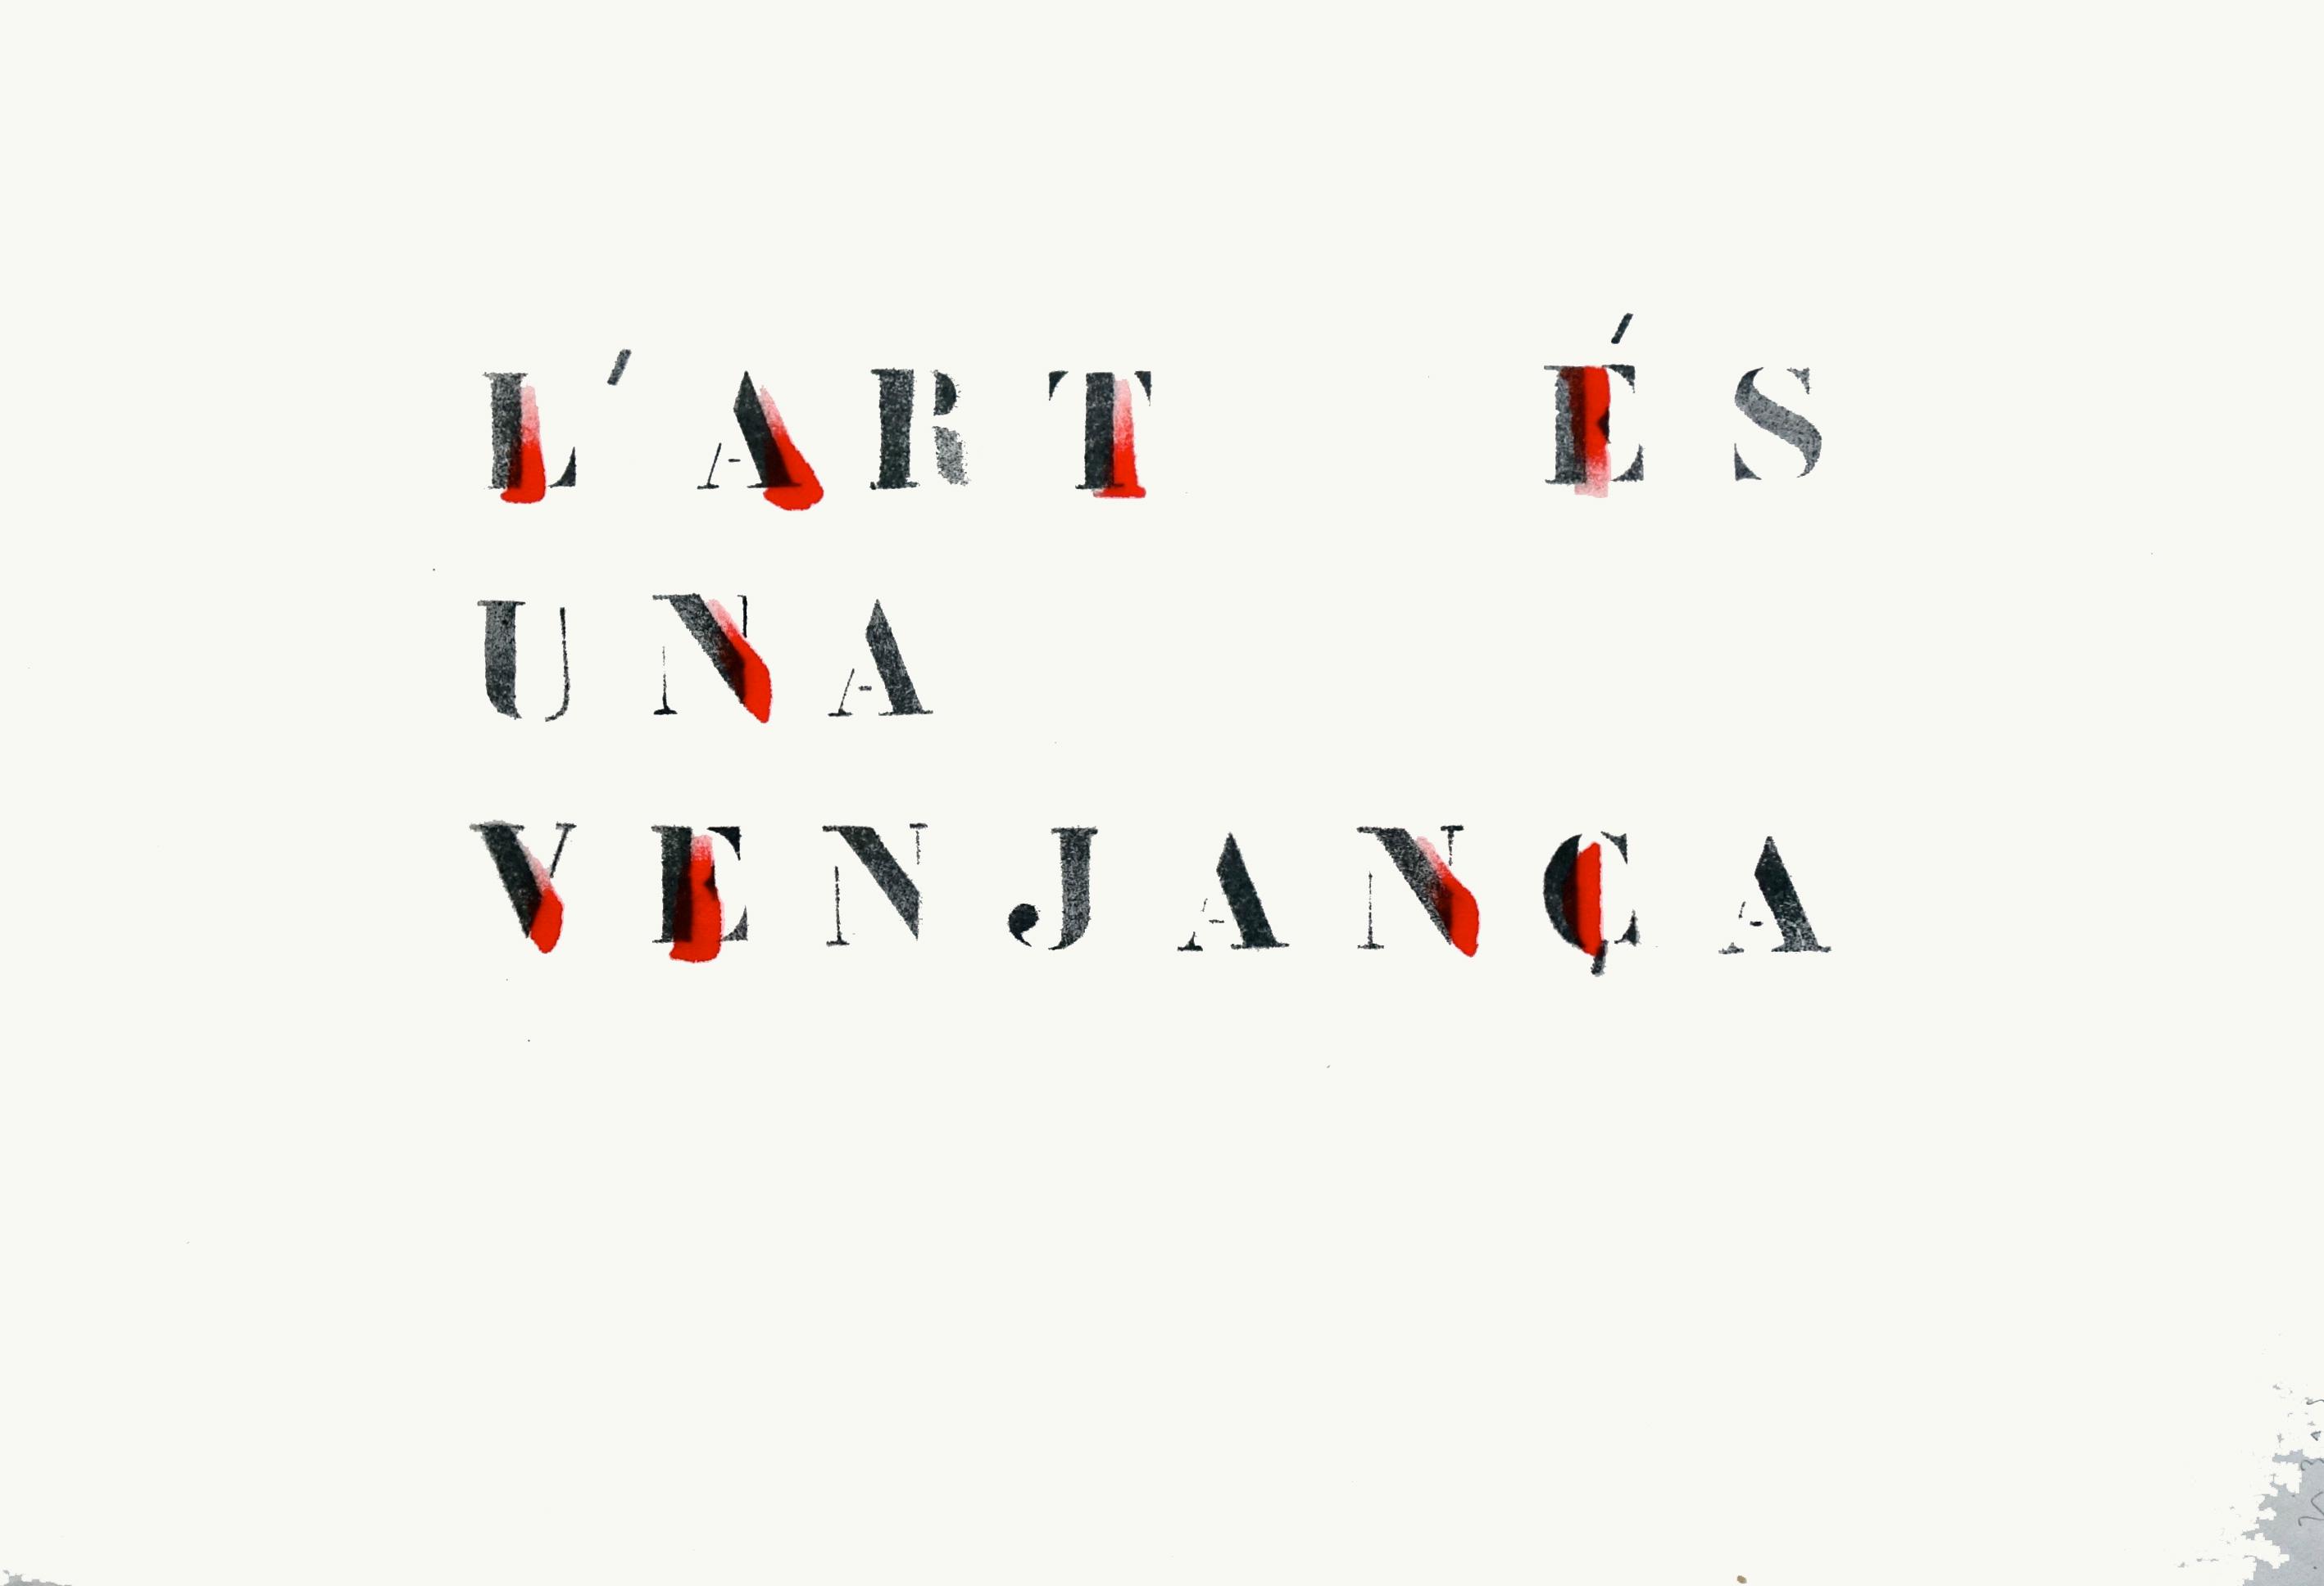 L'art és una venjança (2017) - David Ribas